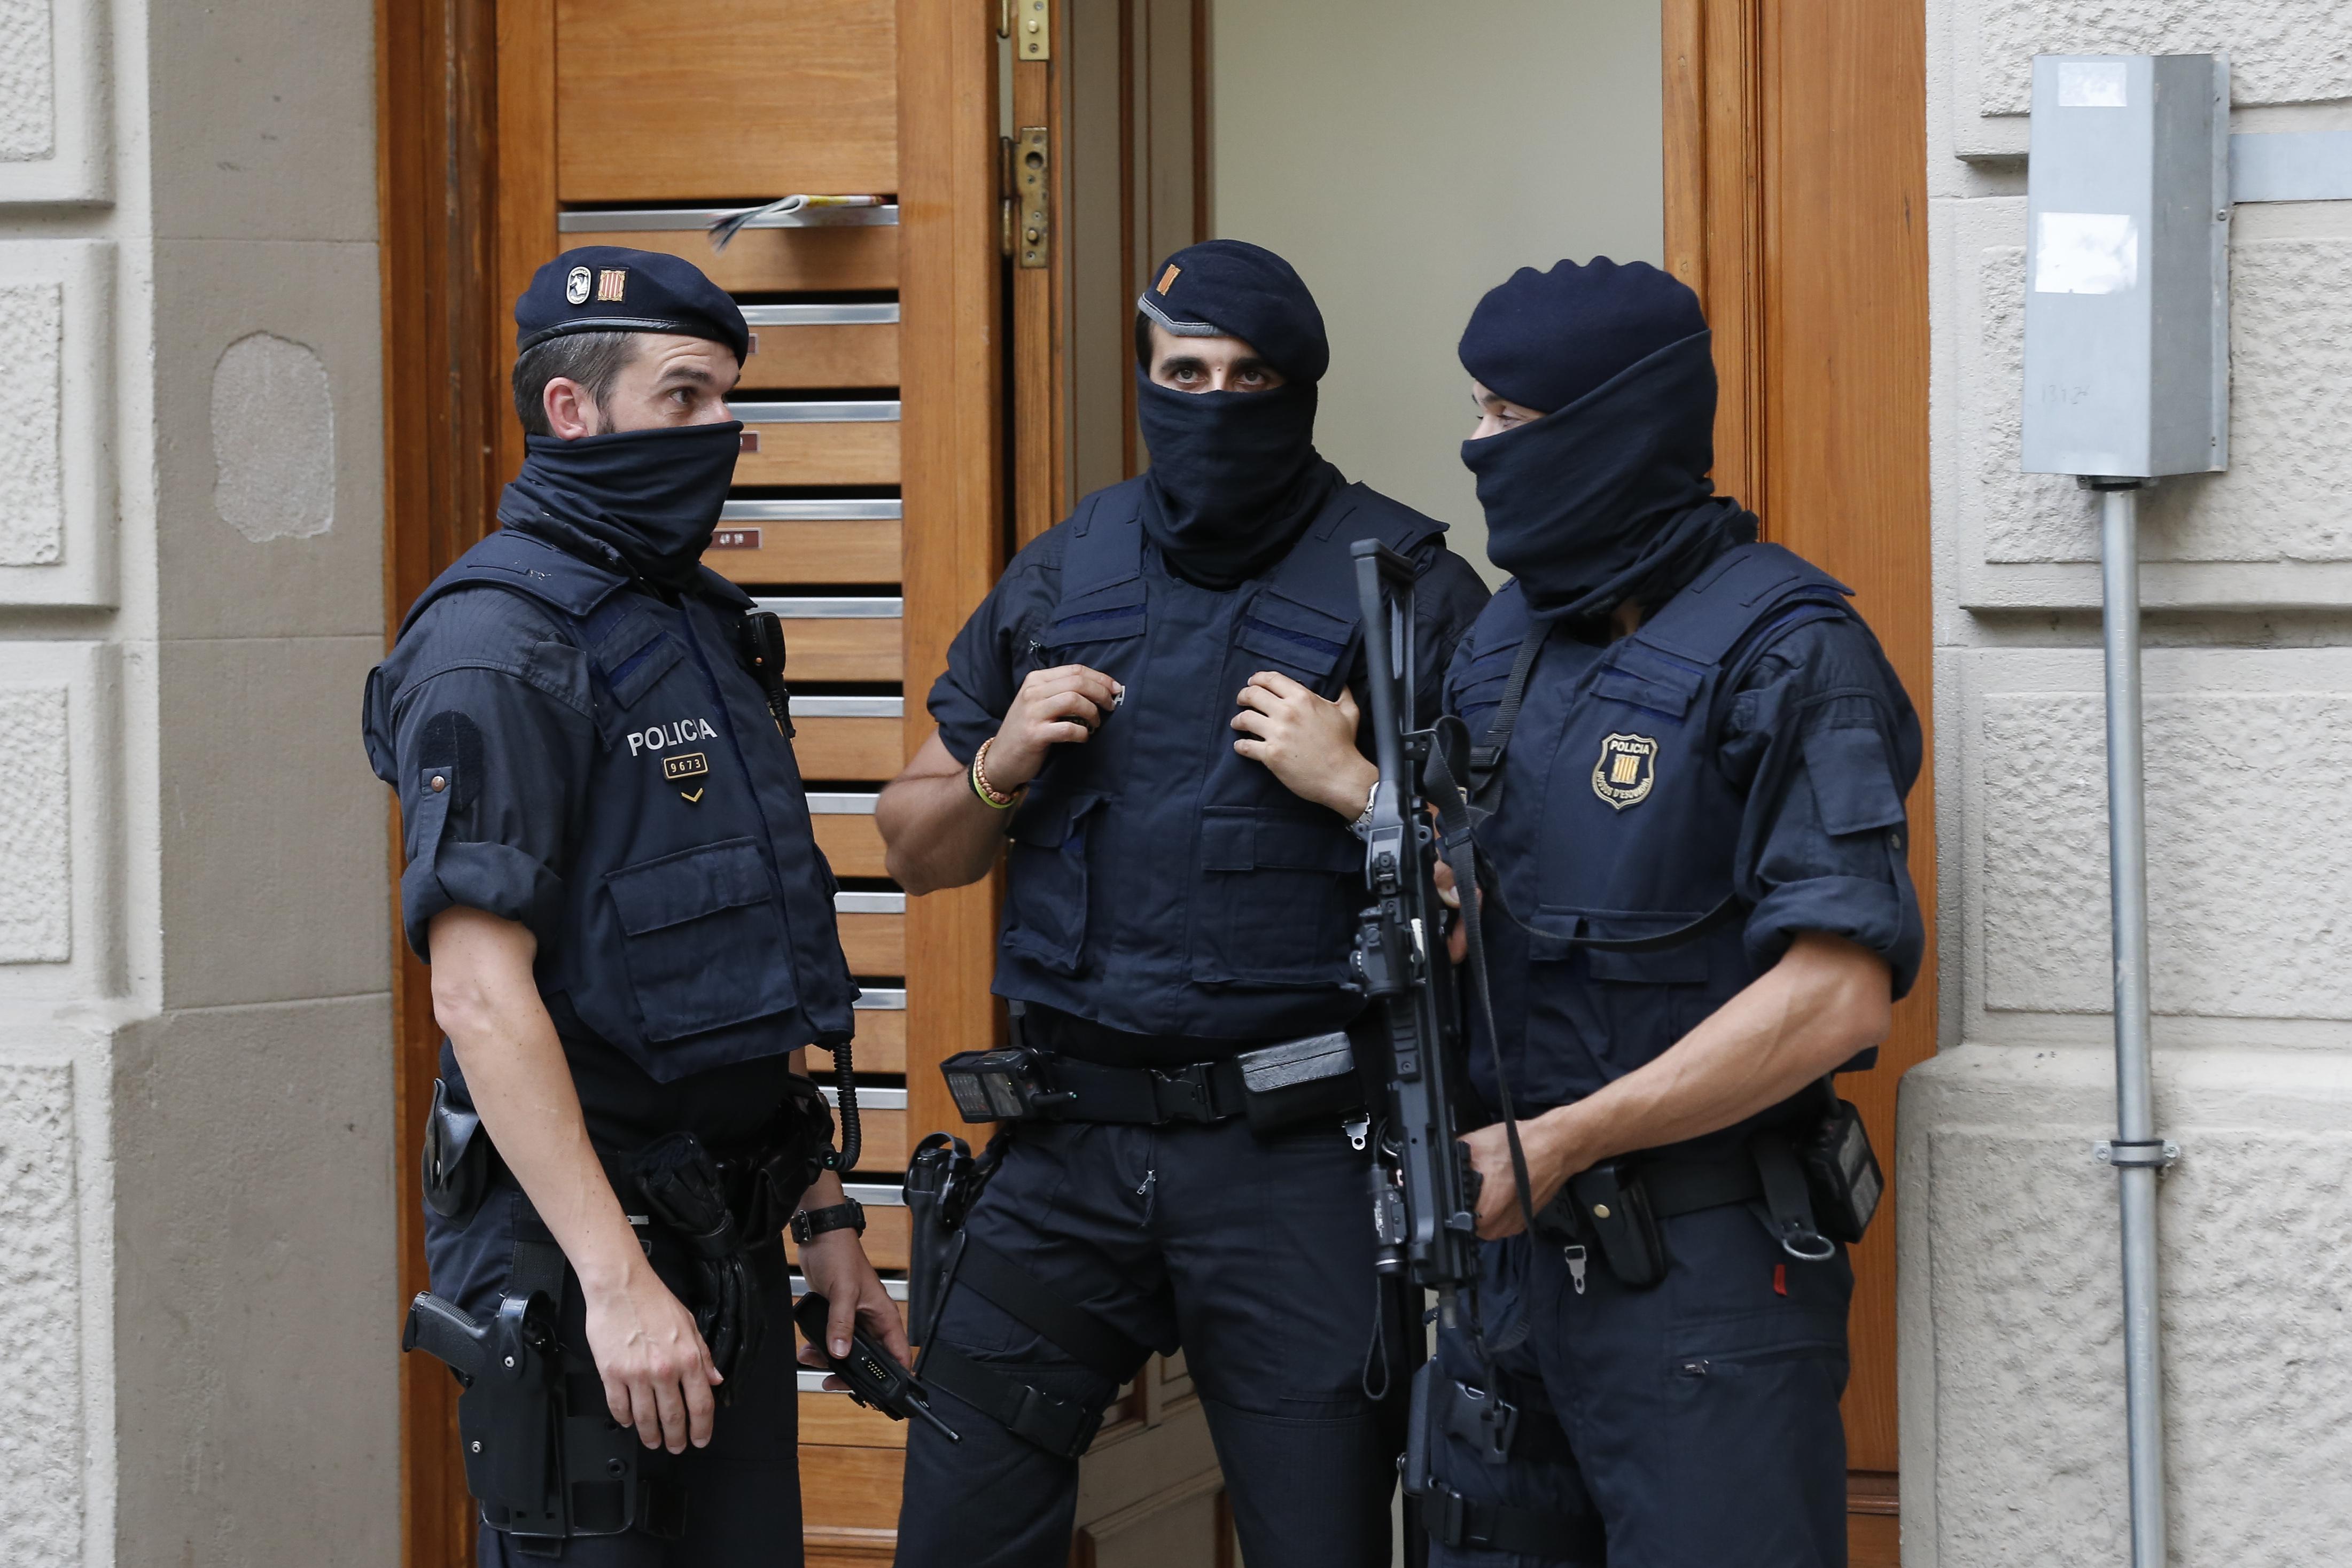 Súlyos érzelmi sokkot kapott a rendőr, aki az öt cambrilsi terroristából négyet is agyonlőtt